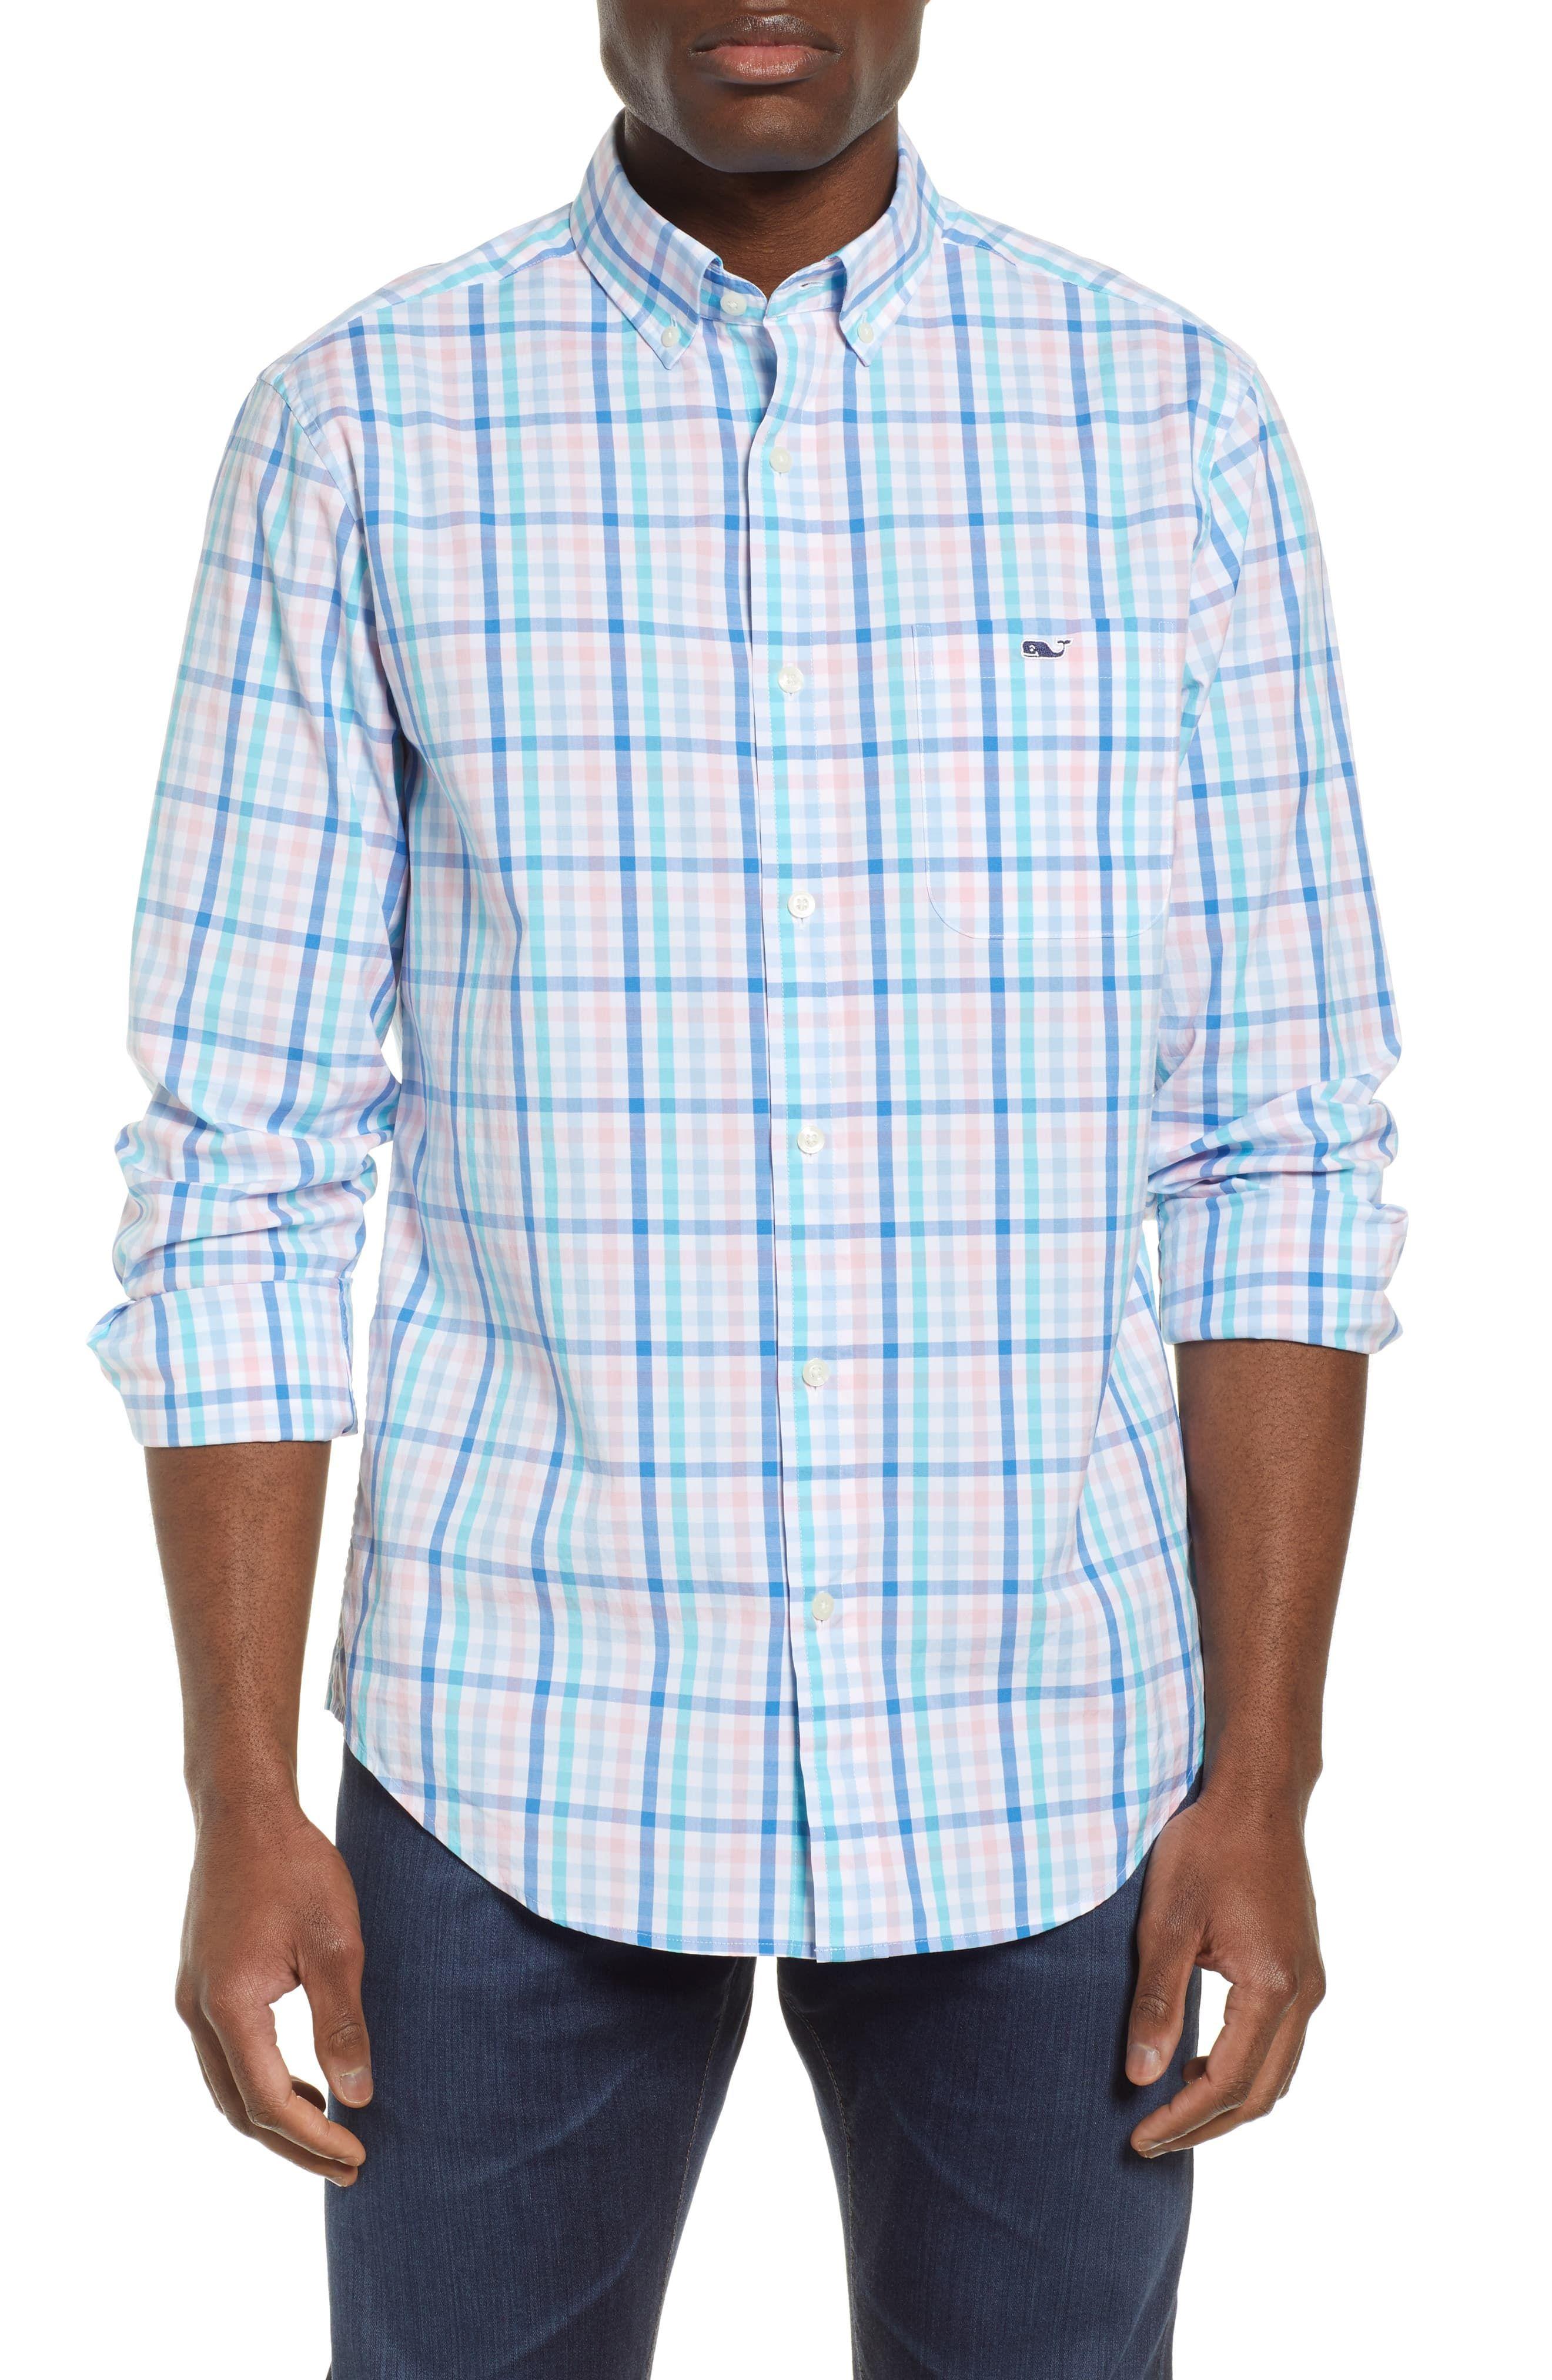 4c7bdc2feb Men's Big & Tall Vineyard Vines Atala Tucker Regular Fit Tattersall Sport  Shirt, Size 3XB - Pink